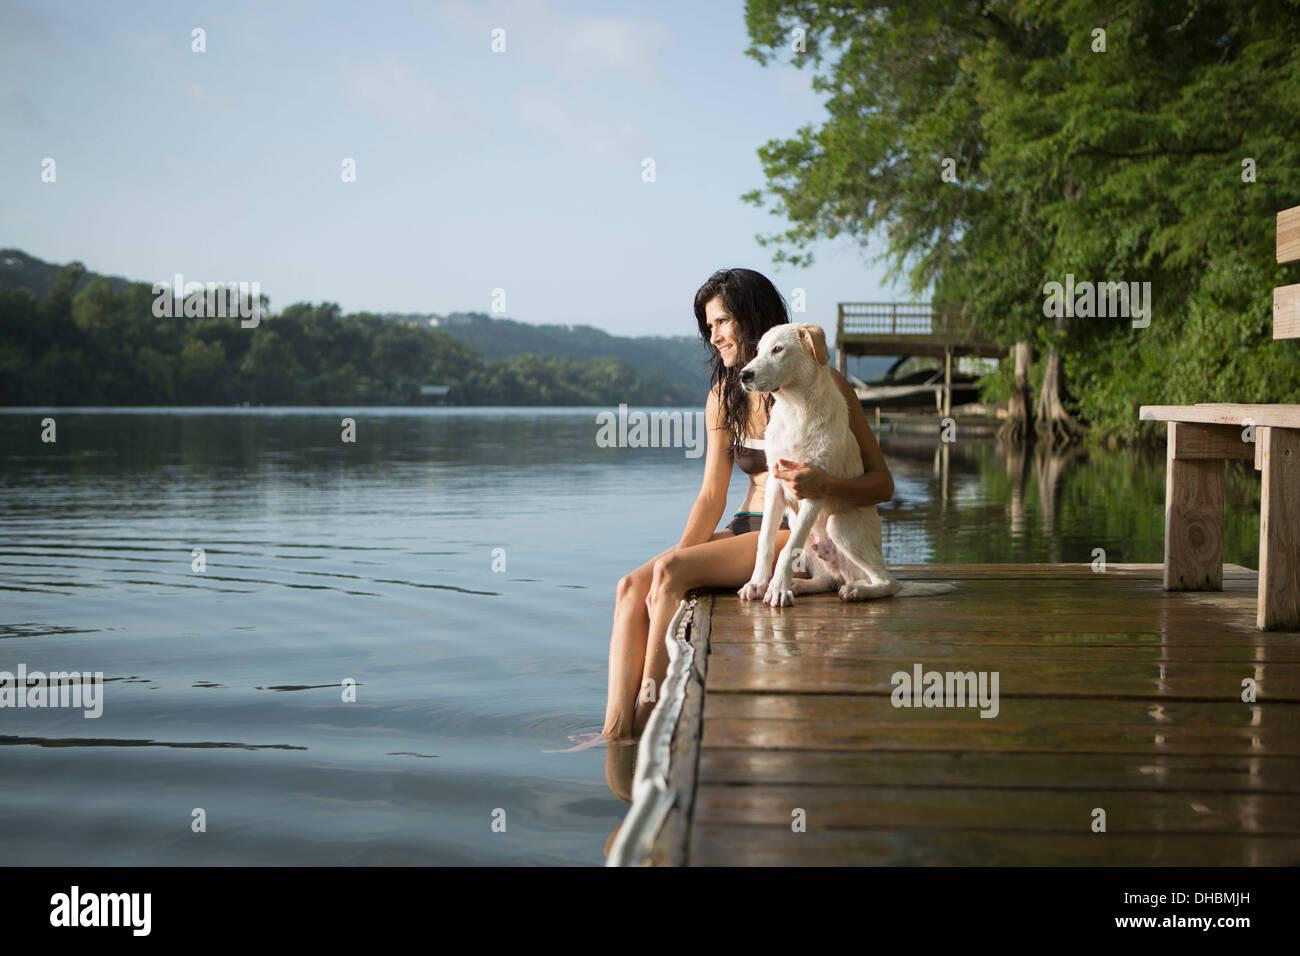 Une femme avec son bras autour d'un petit chien blanc sur une jetée sur un lac. Photo Stock